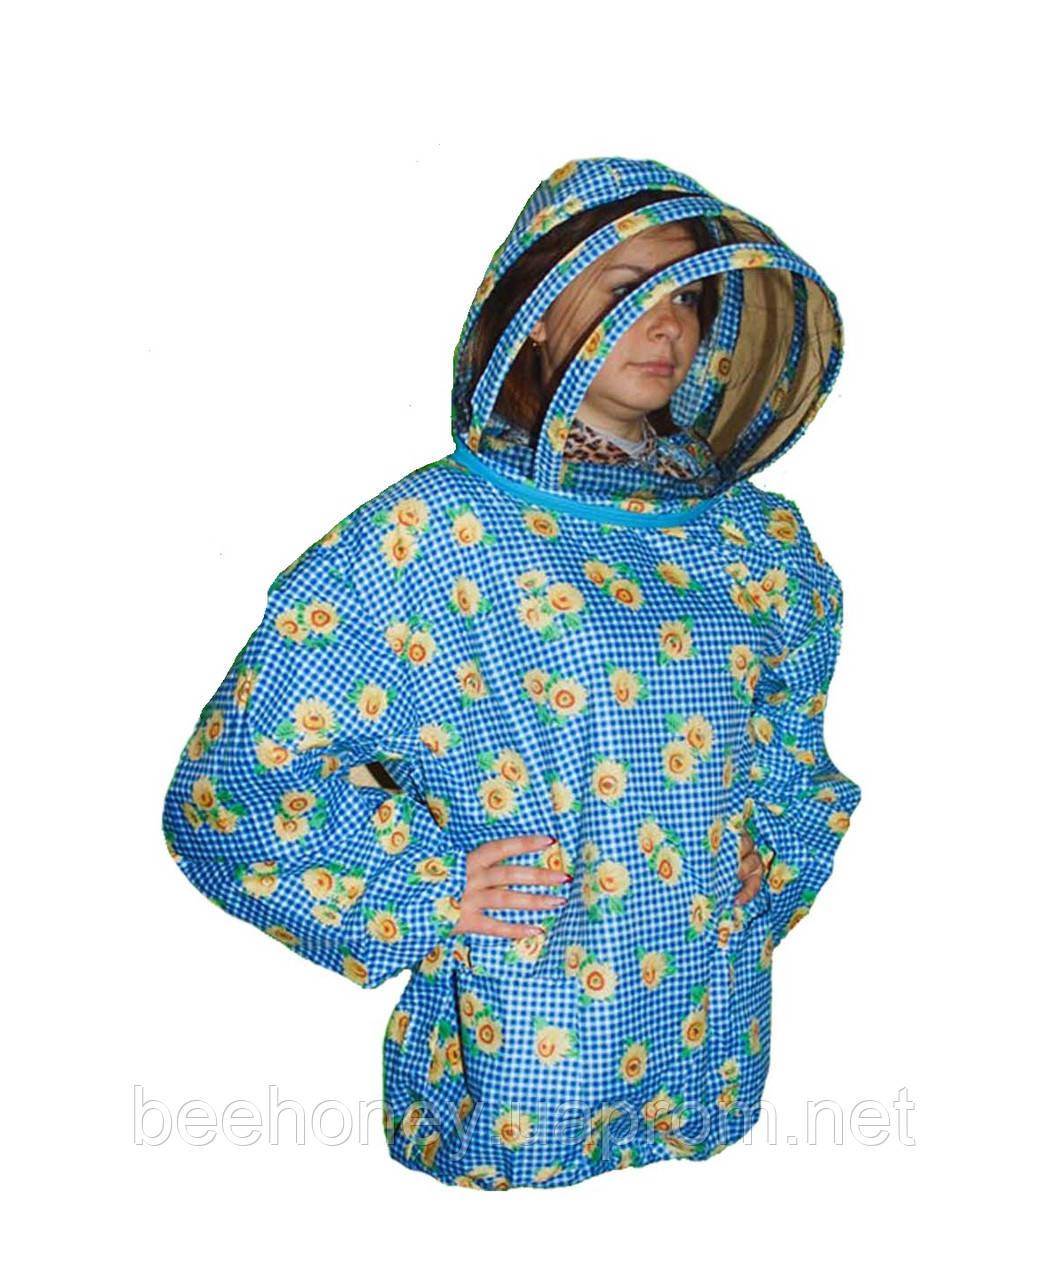 Куртка пчеловода Евро 100% Хлопок облегчённый. Размер ХХXL / 56-58